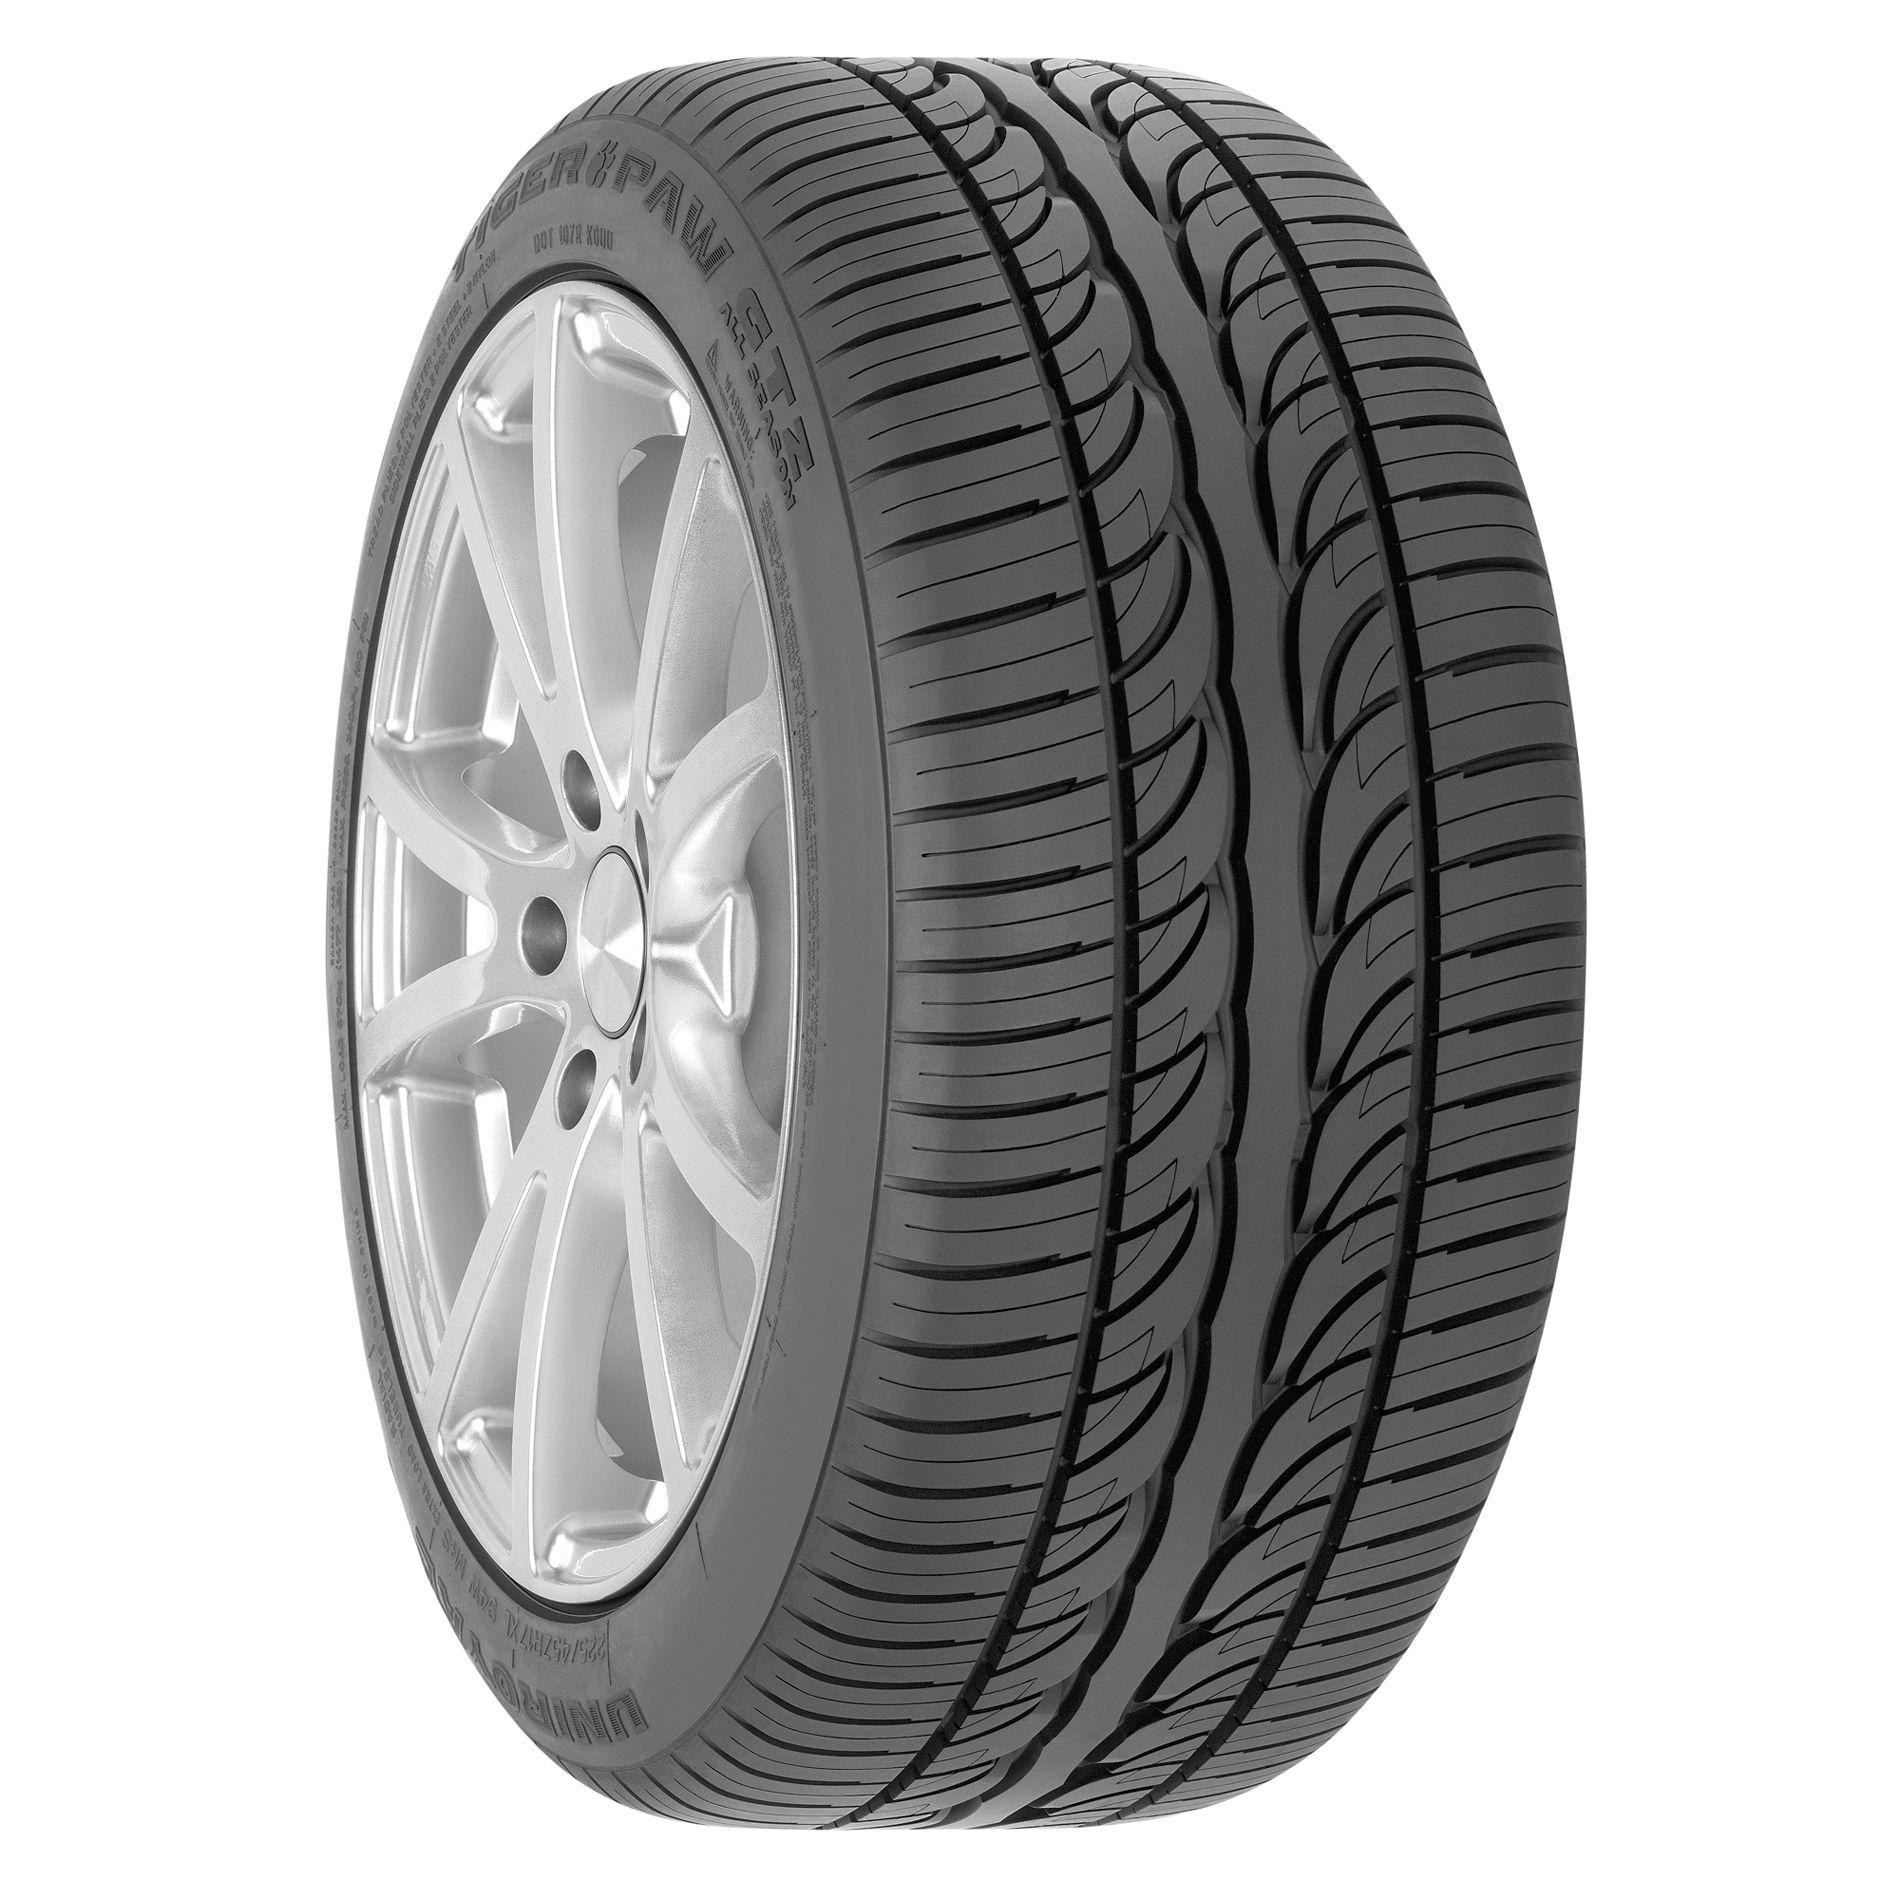 Uniroyal Tiger Paw GTZ Tire- 215/45R17XL 91W BW